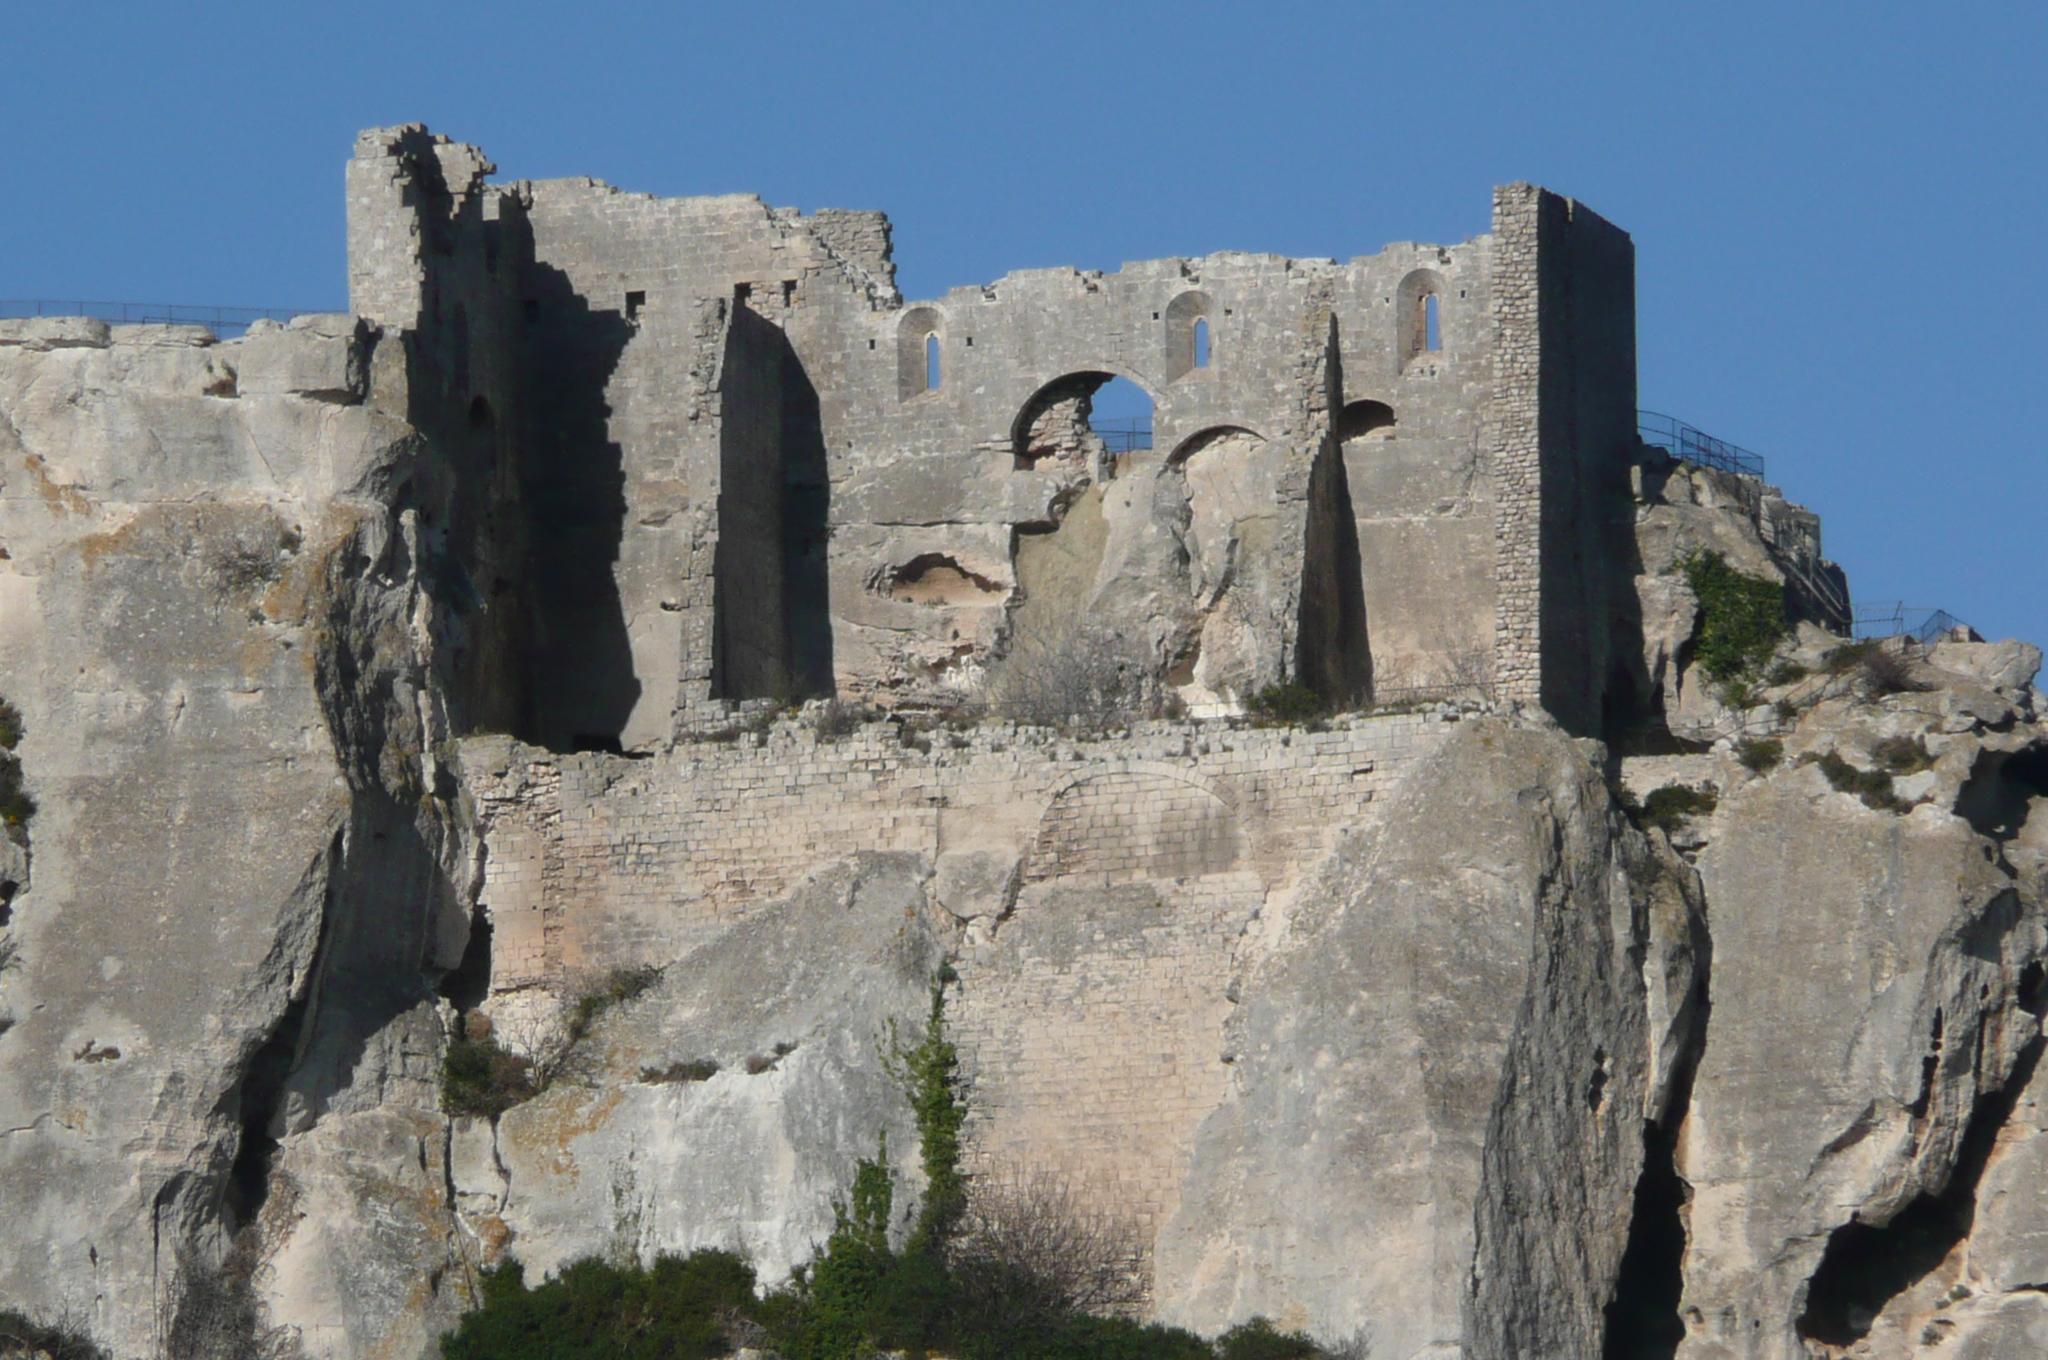 El Castillo de los Baux